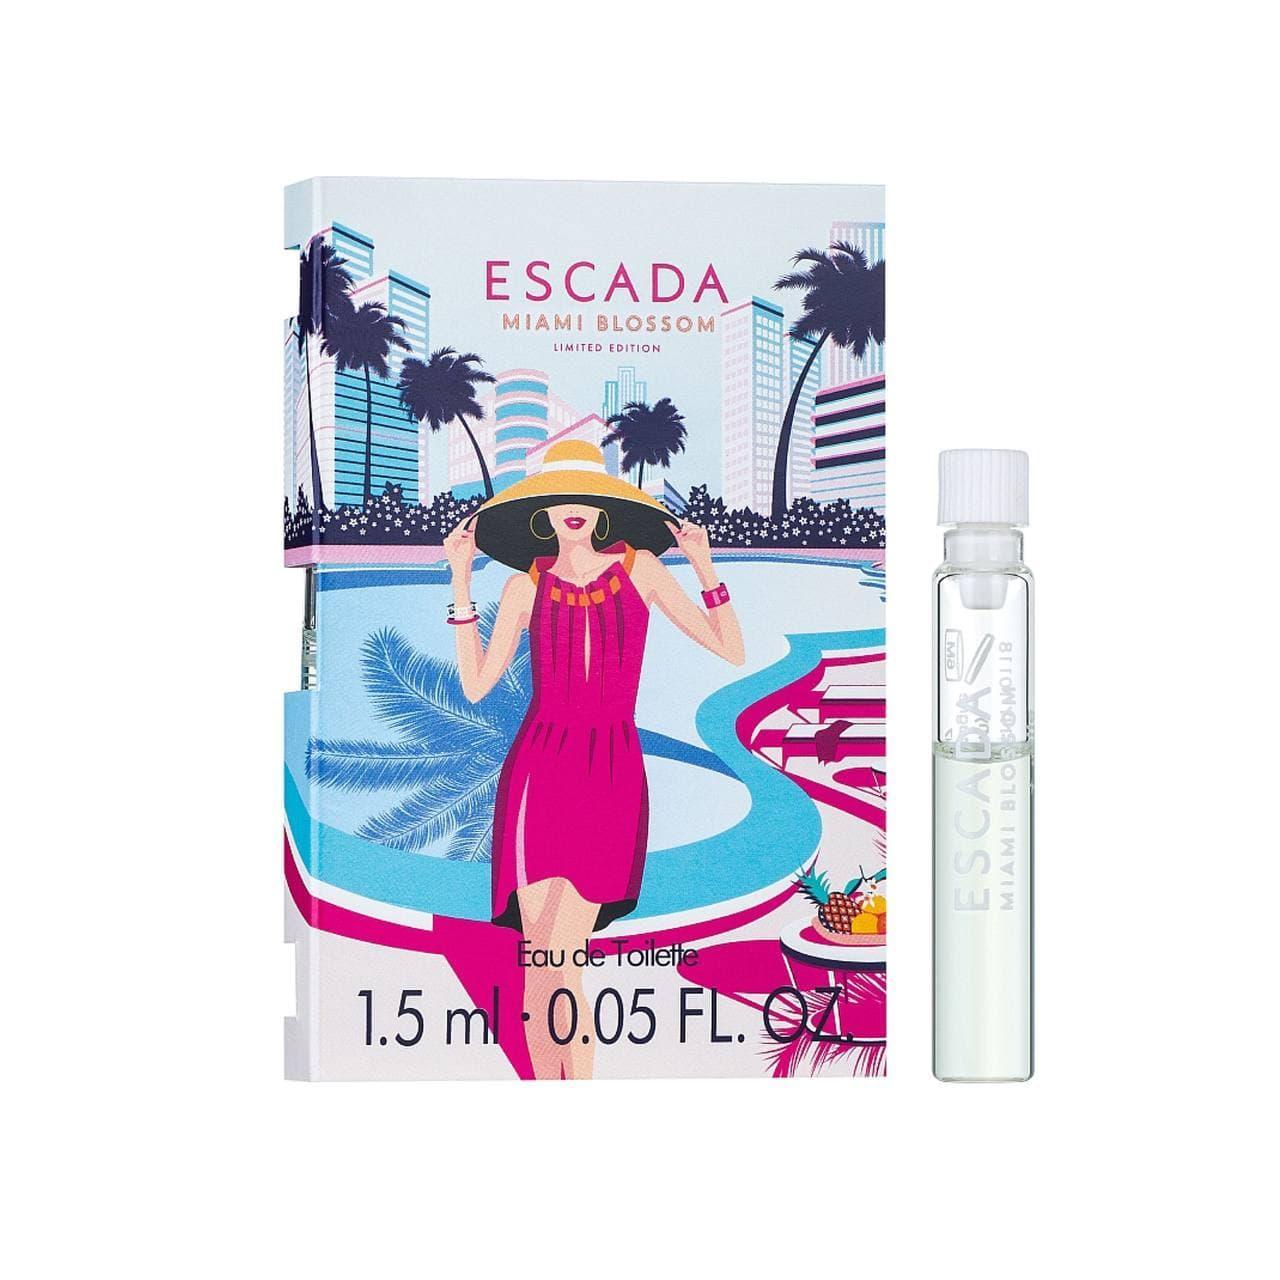 Летний цветочно-фруктовый аромат для женщин ESCADA Miami Blossom ПРОБНИК 1,5 мл туалетная вода